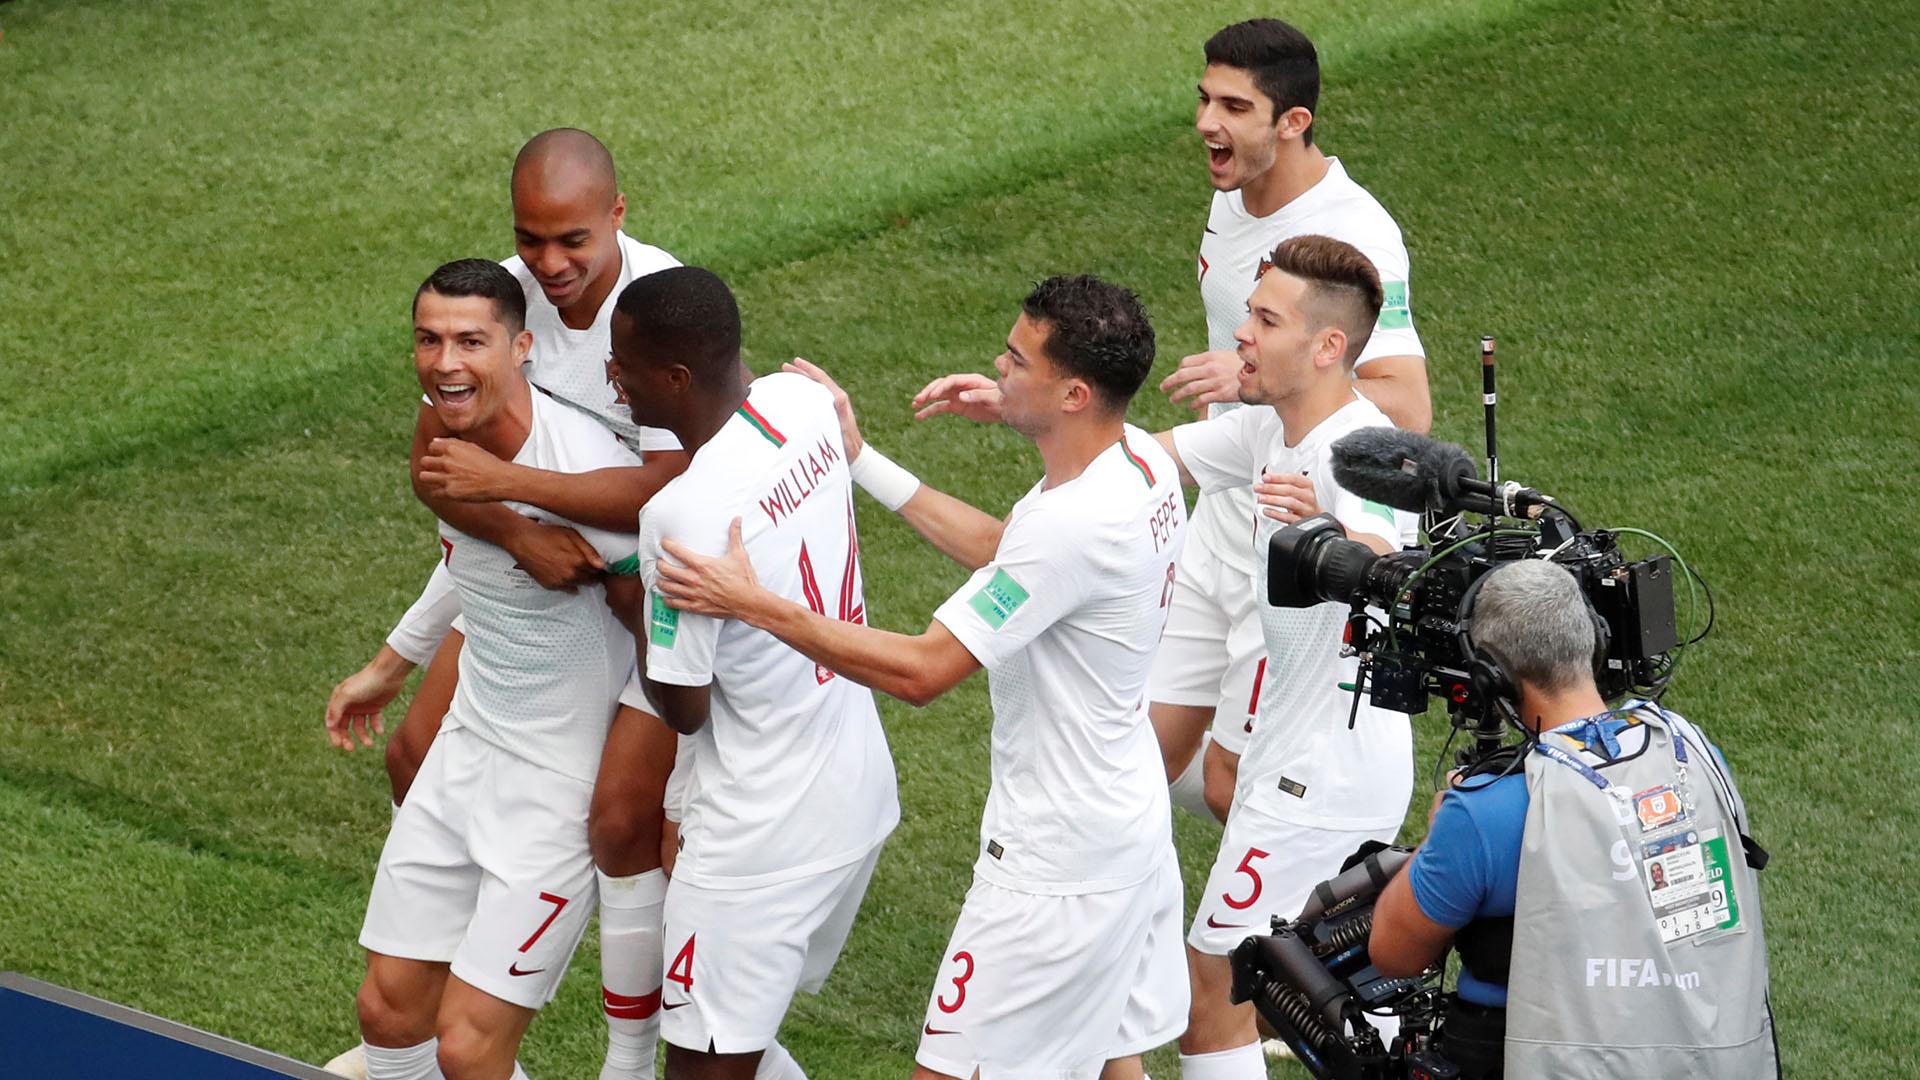 Todos lo buscan tras el gol. Sus compañeros para festejar, la cámara para replicar su sonrisa la mundo.REUTERS/Christian Hartmann